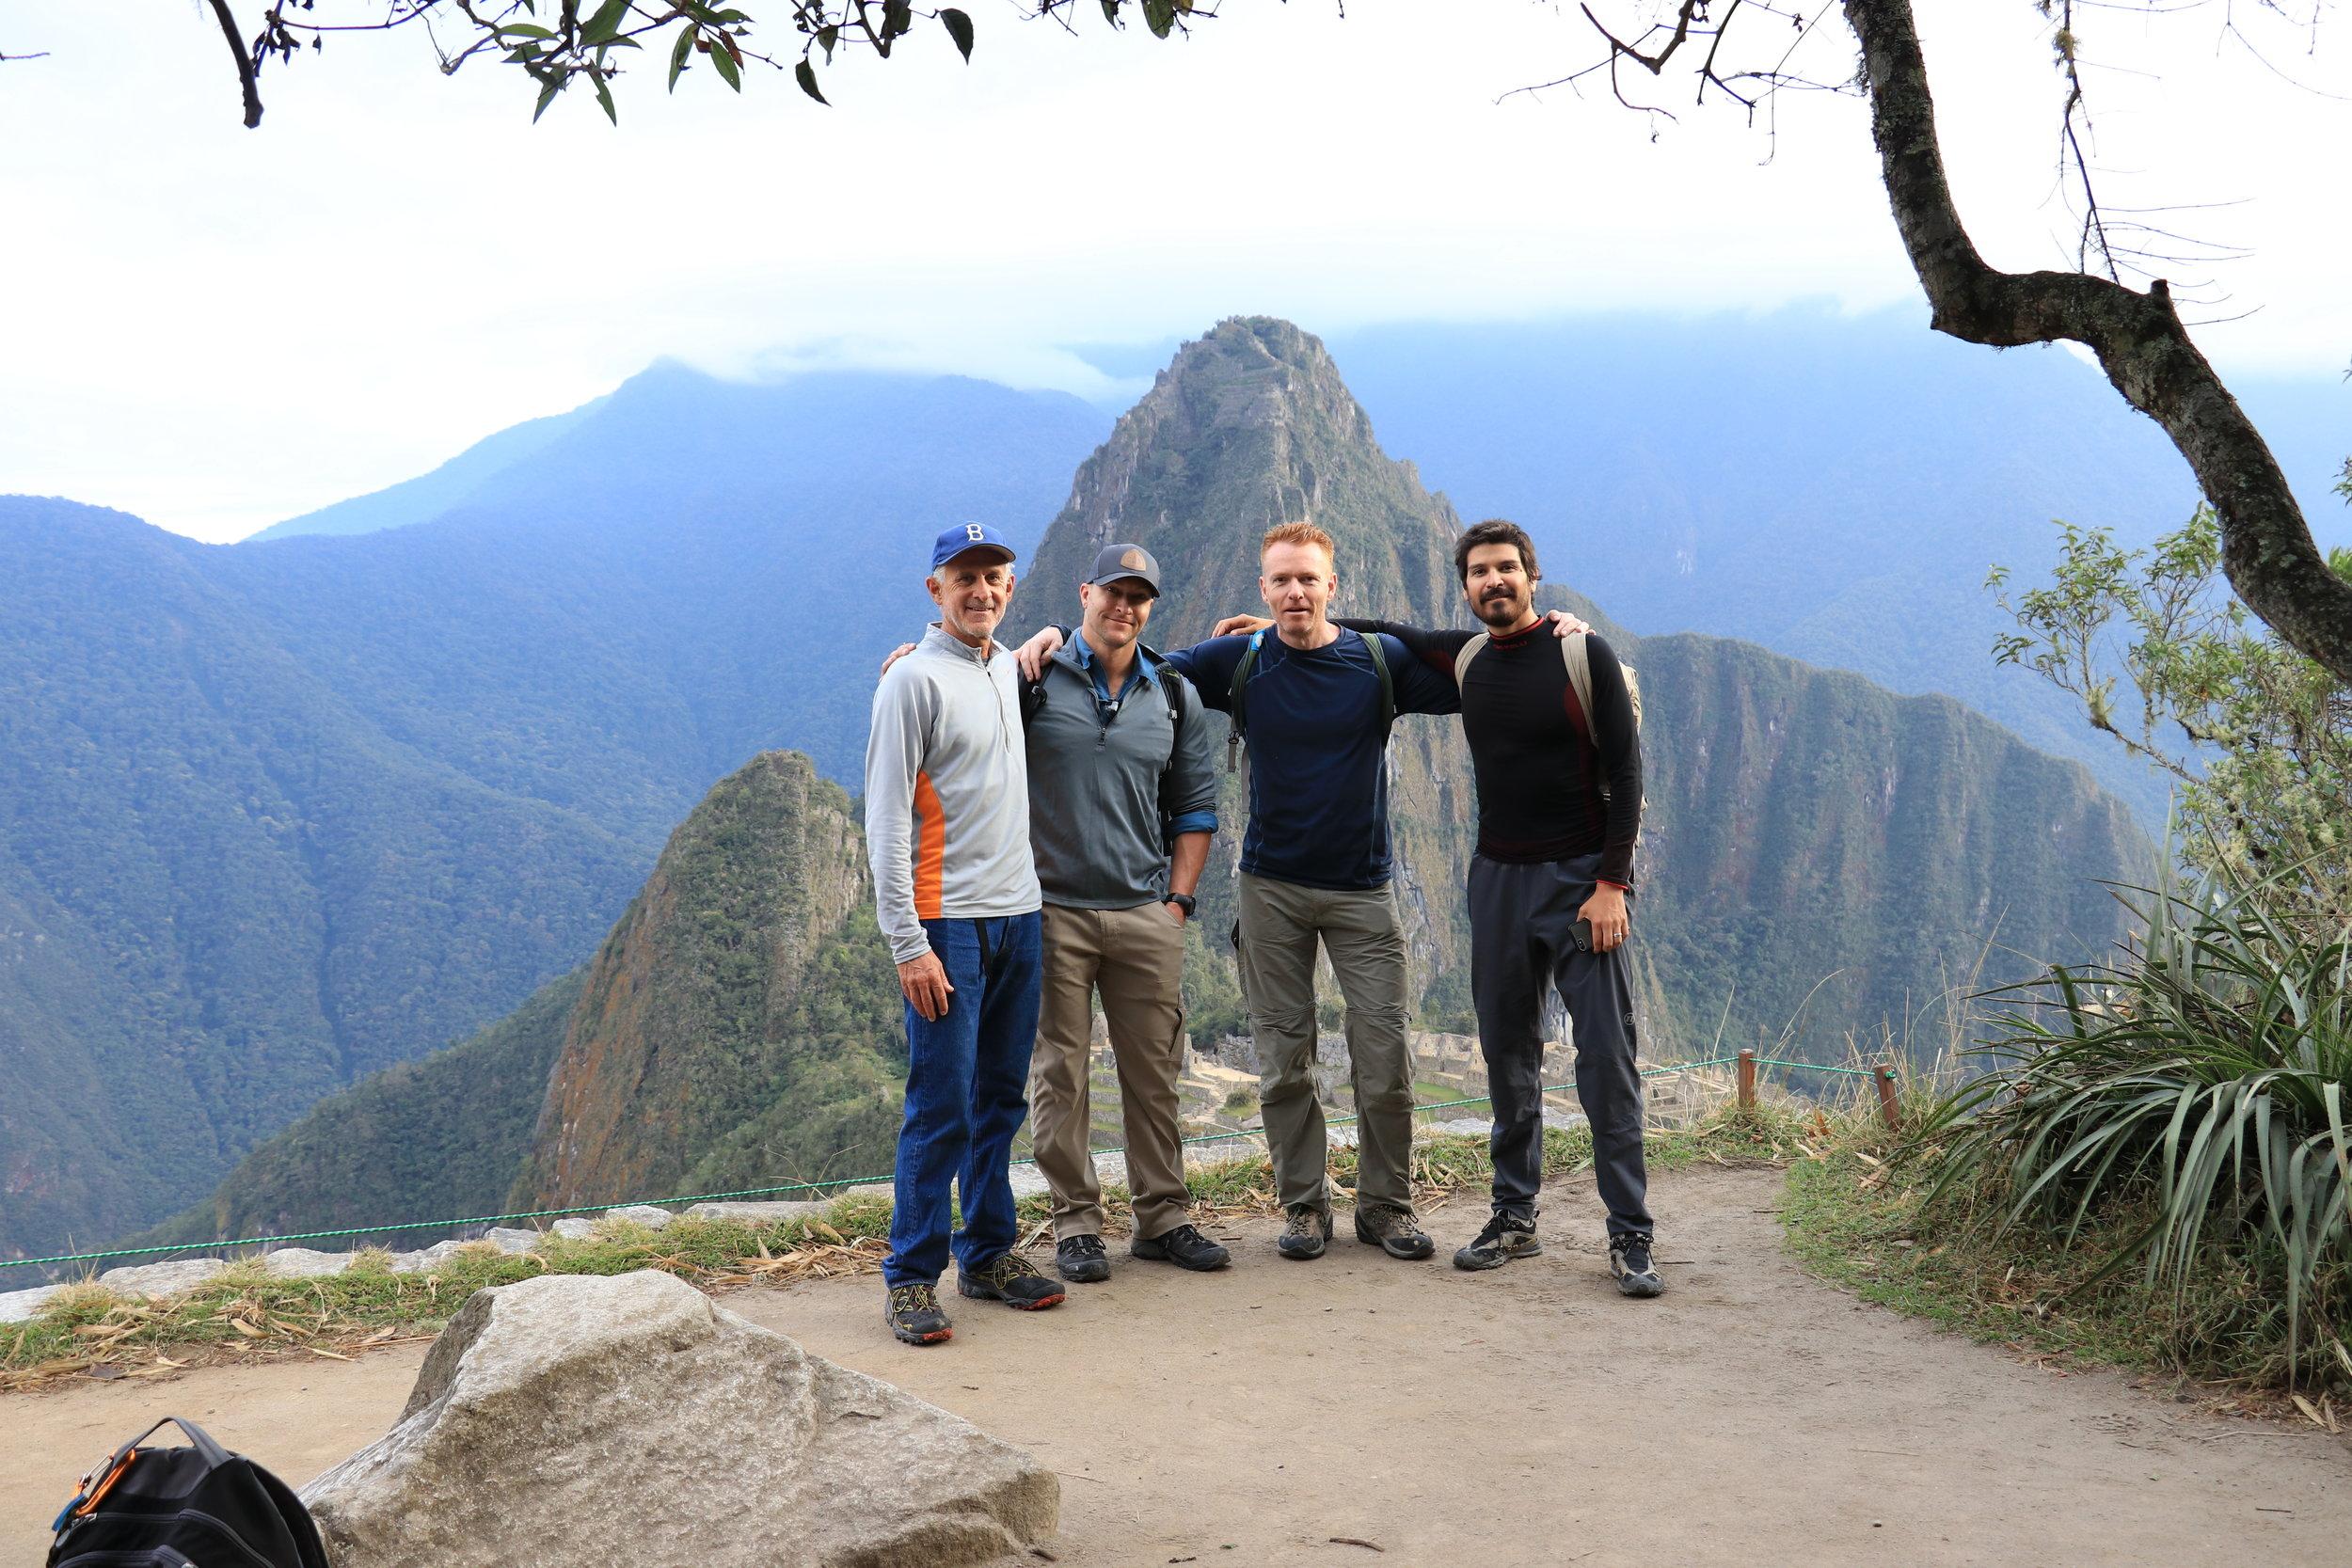 Machu Picchu, Perú - 2017 Photo taken by Friend